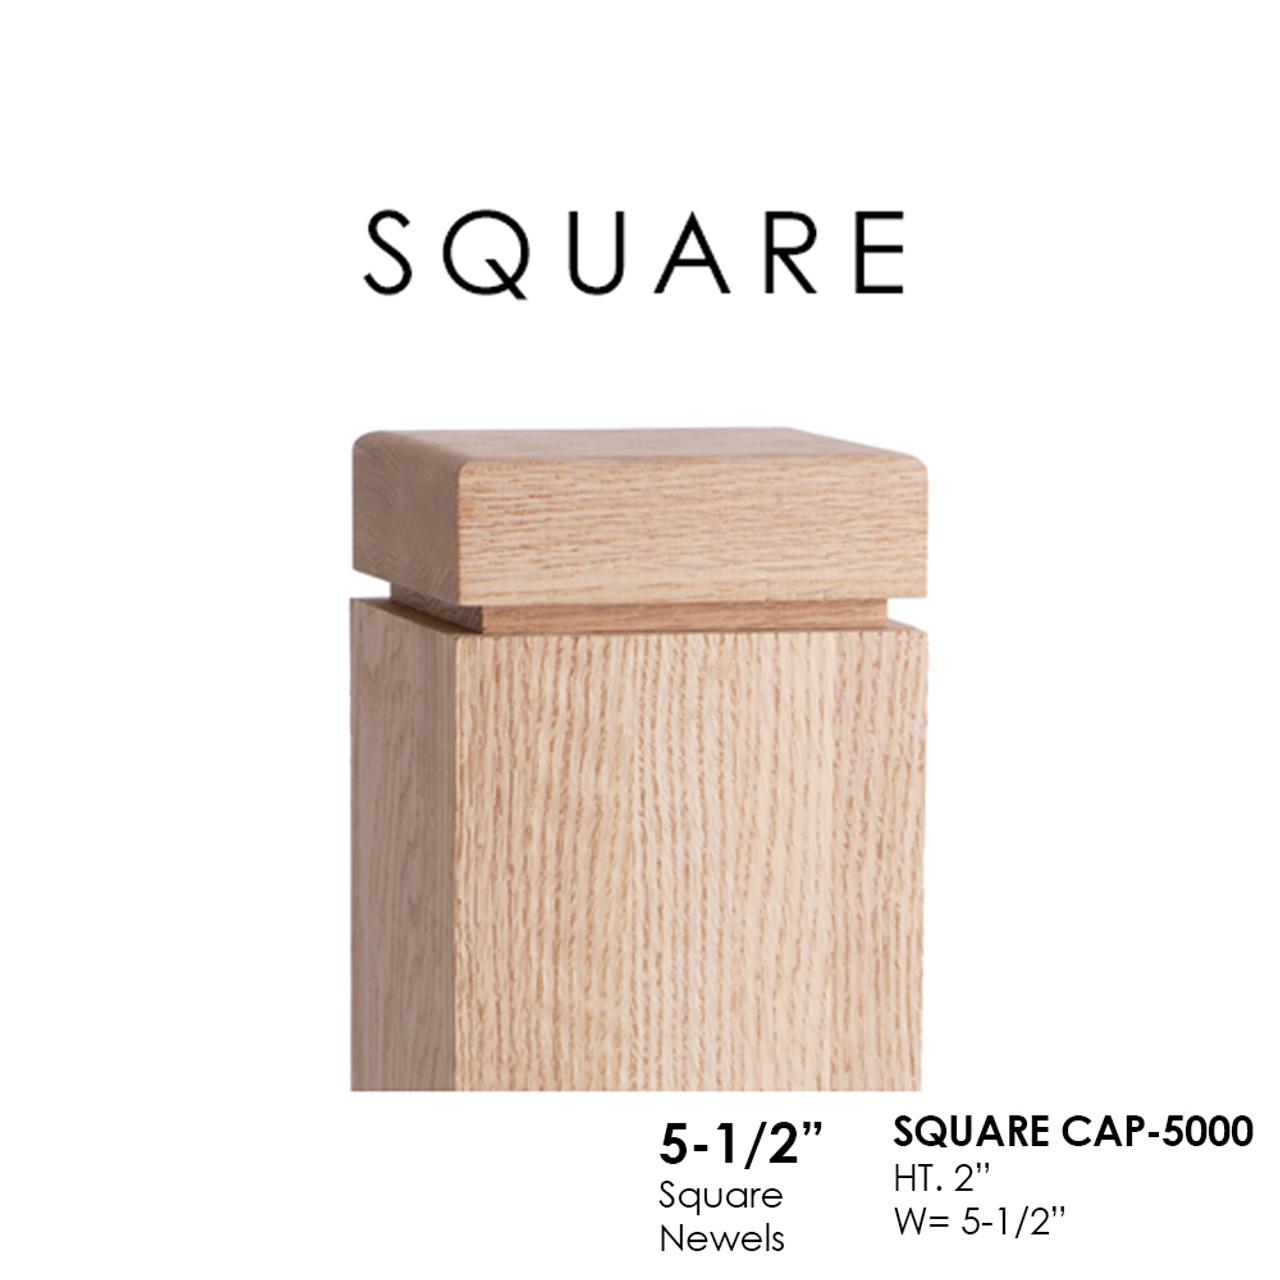 Square Cap - 5000